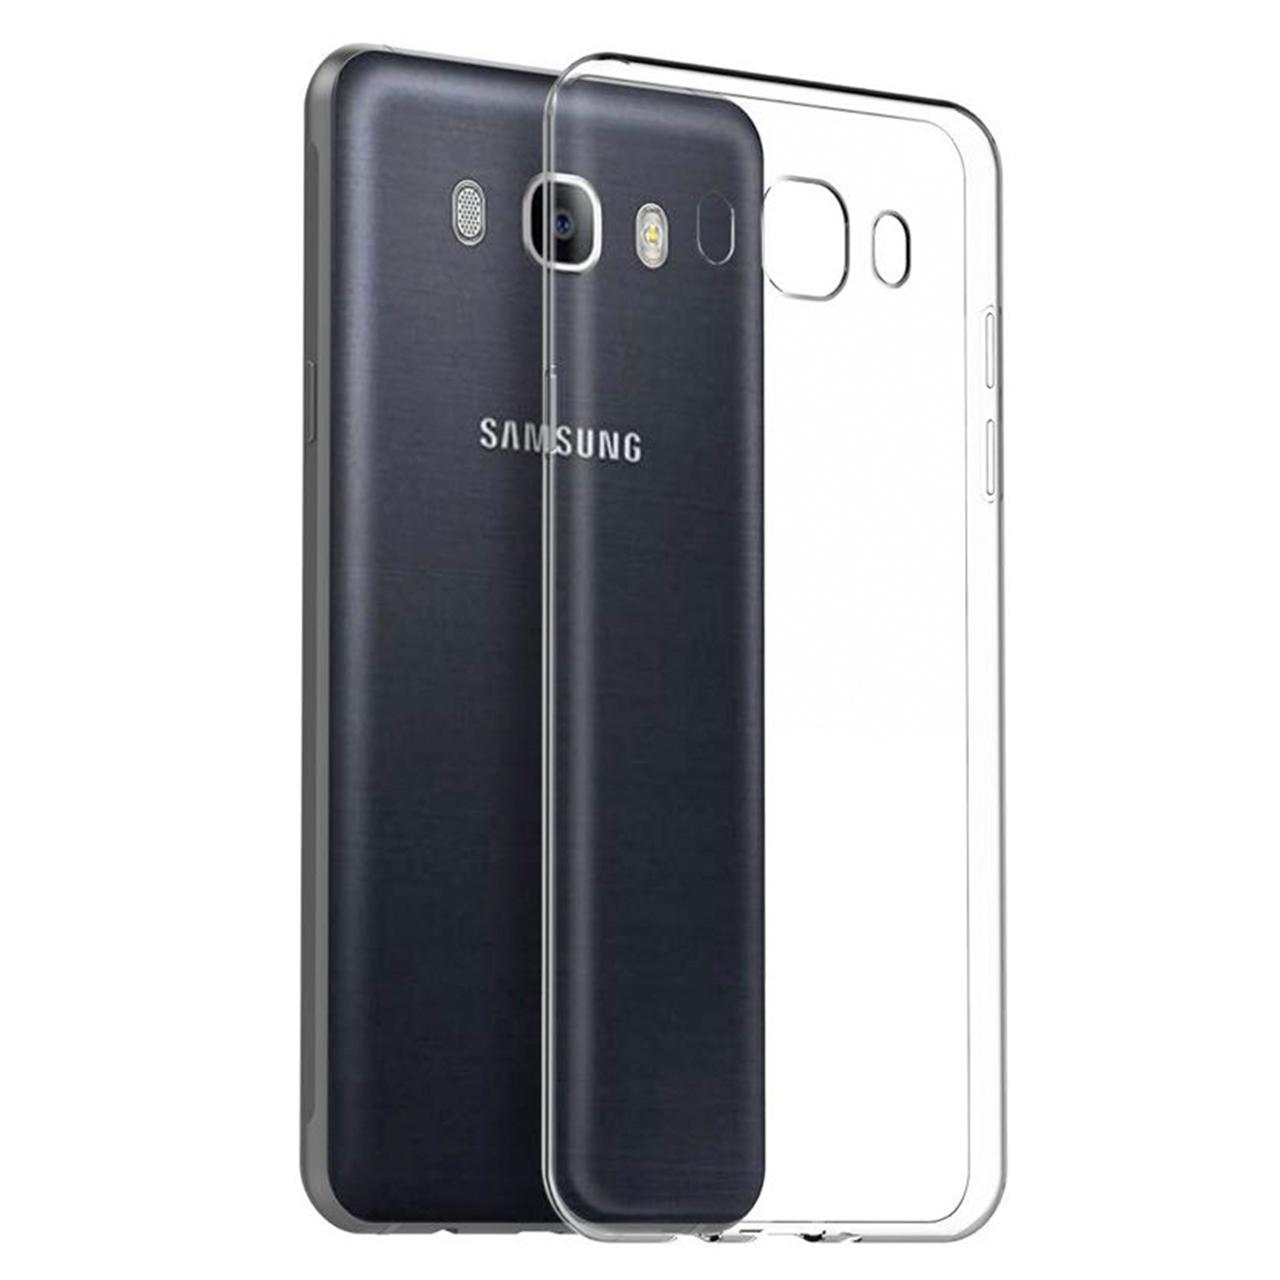 کاور اوکیس مدل skid-01 مناسب برای گوشی موبایل سامسونگ Galaxy J5 2016 / J510